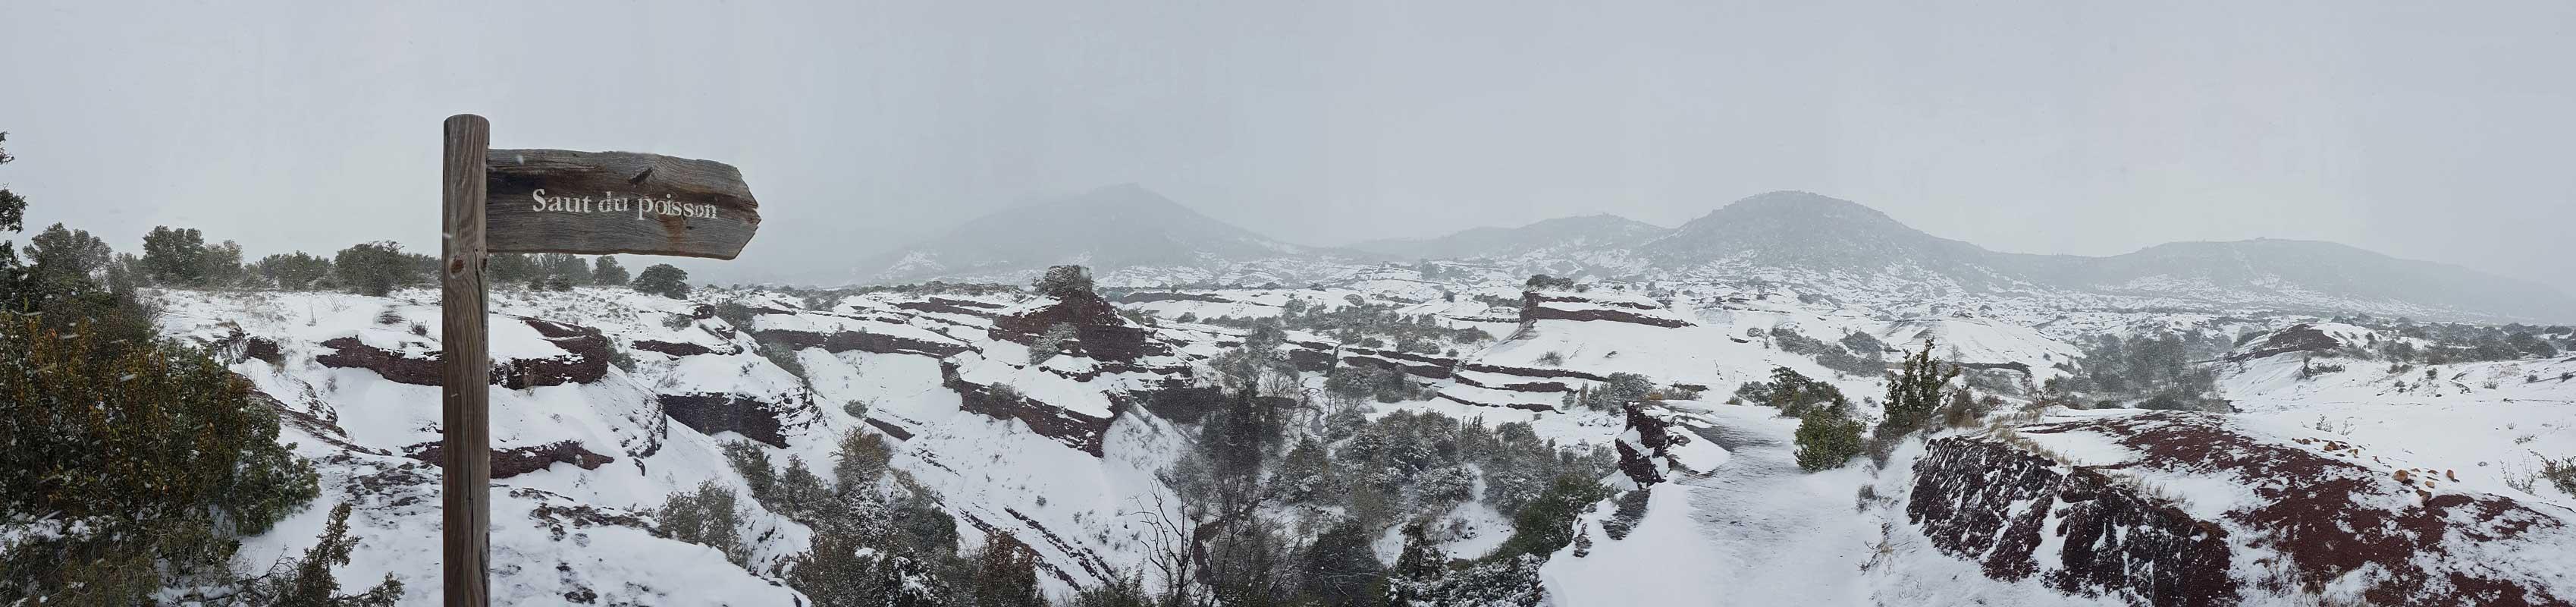 SJB-neige-2018-18